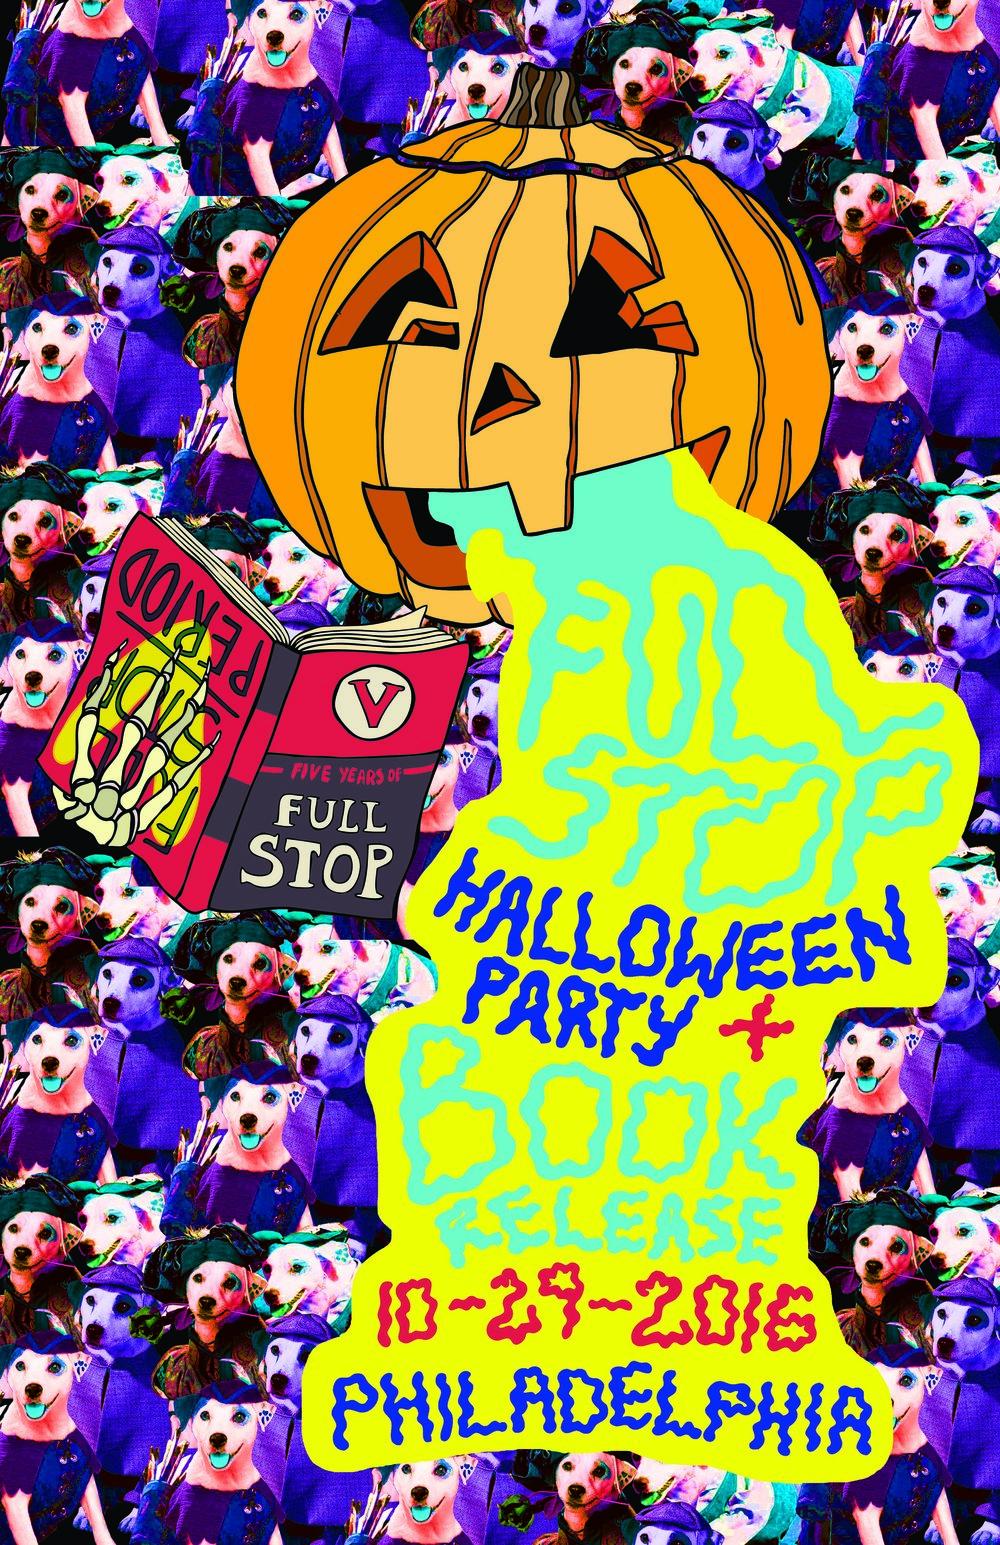 full stop halloween poster.jpg